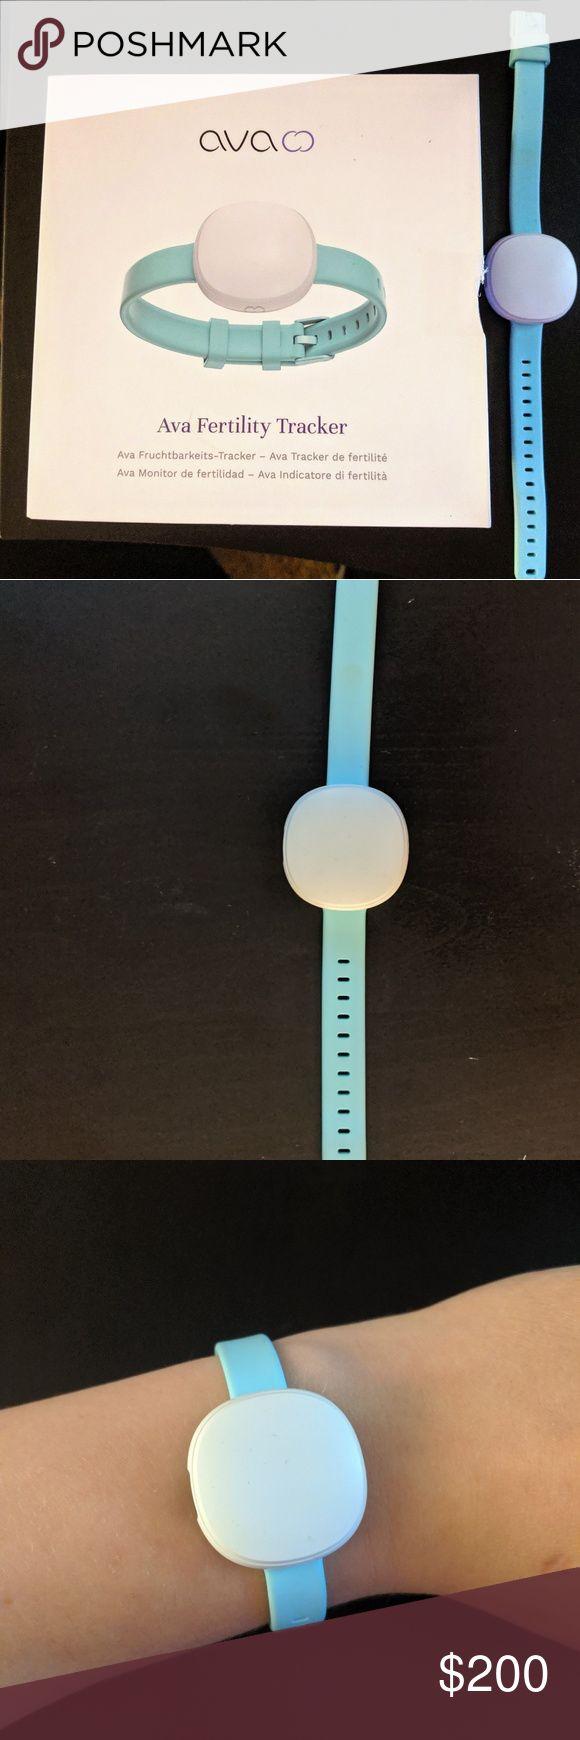 Ava Fertility Tracker Ava ist ein Fruchtbarkeitsmessgerät, das Ihre Fruchtbarkeit …  – My Posh Closet